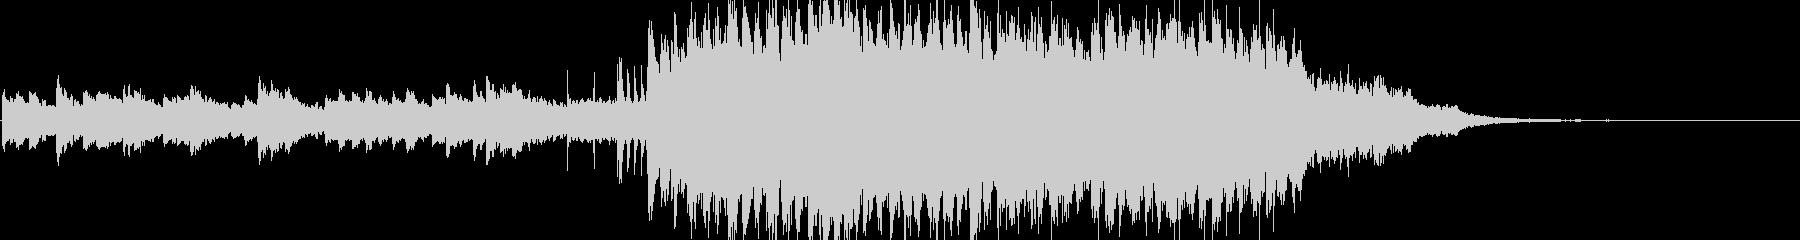 ピアノと鉄琴の転調ファンタジージングルの未再生の波形